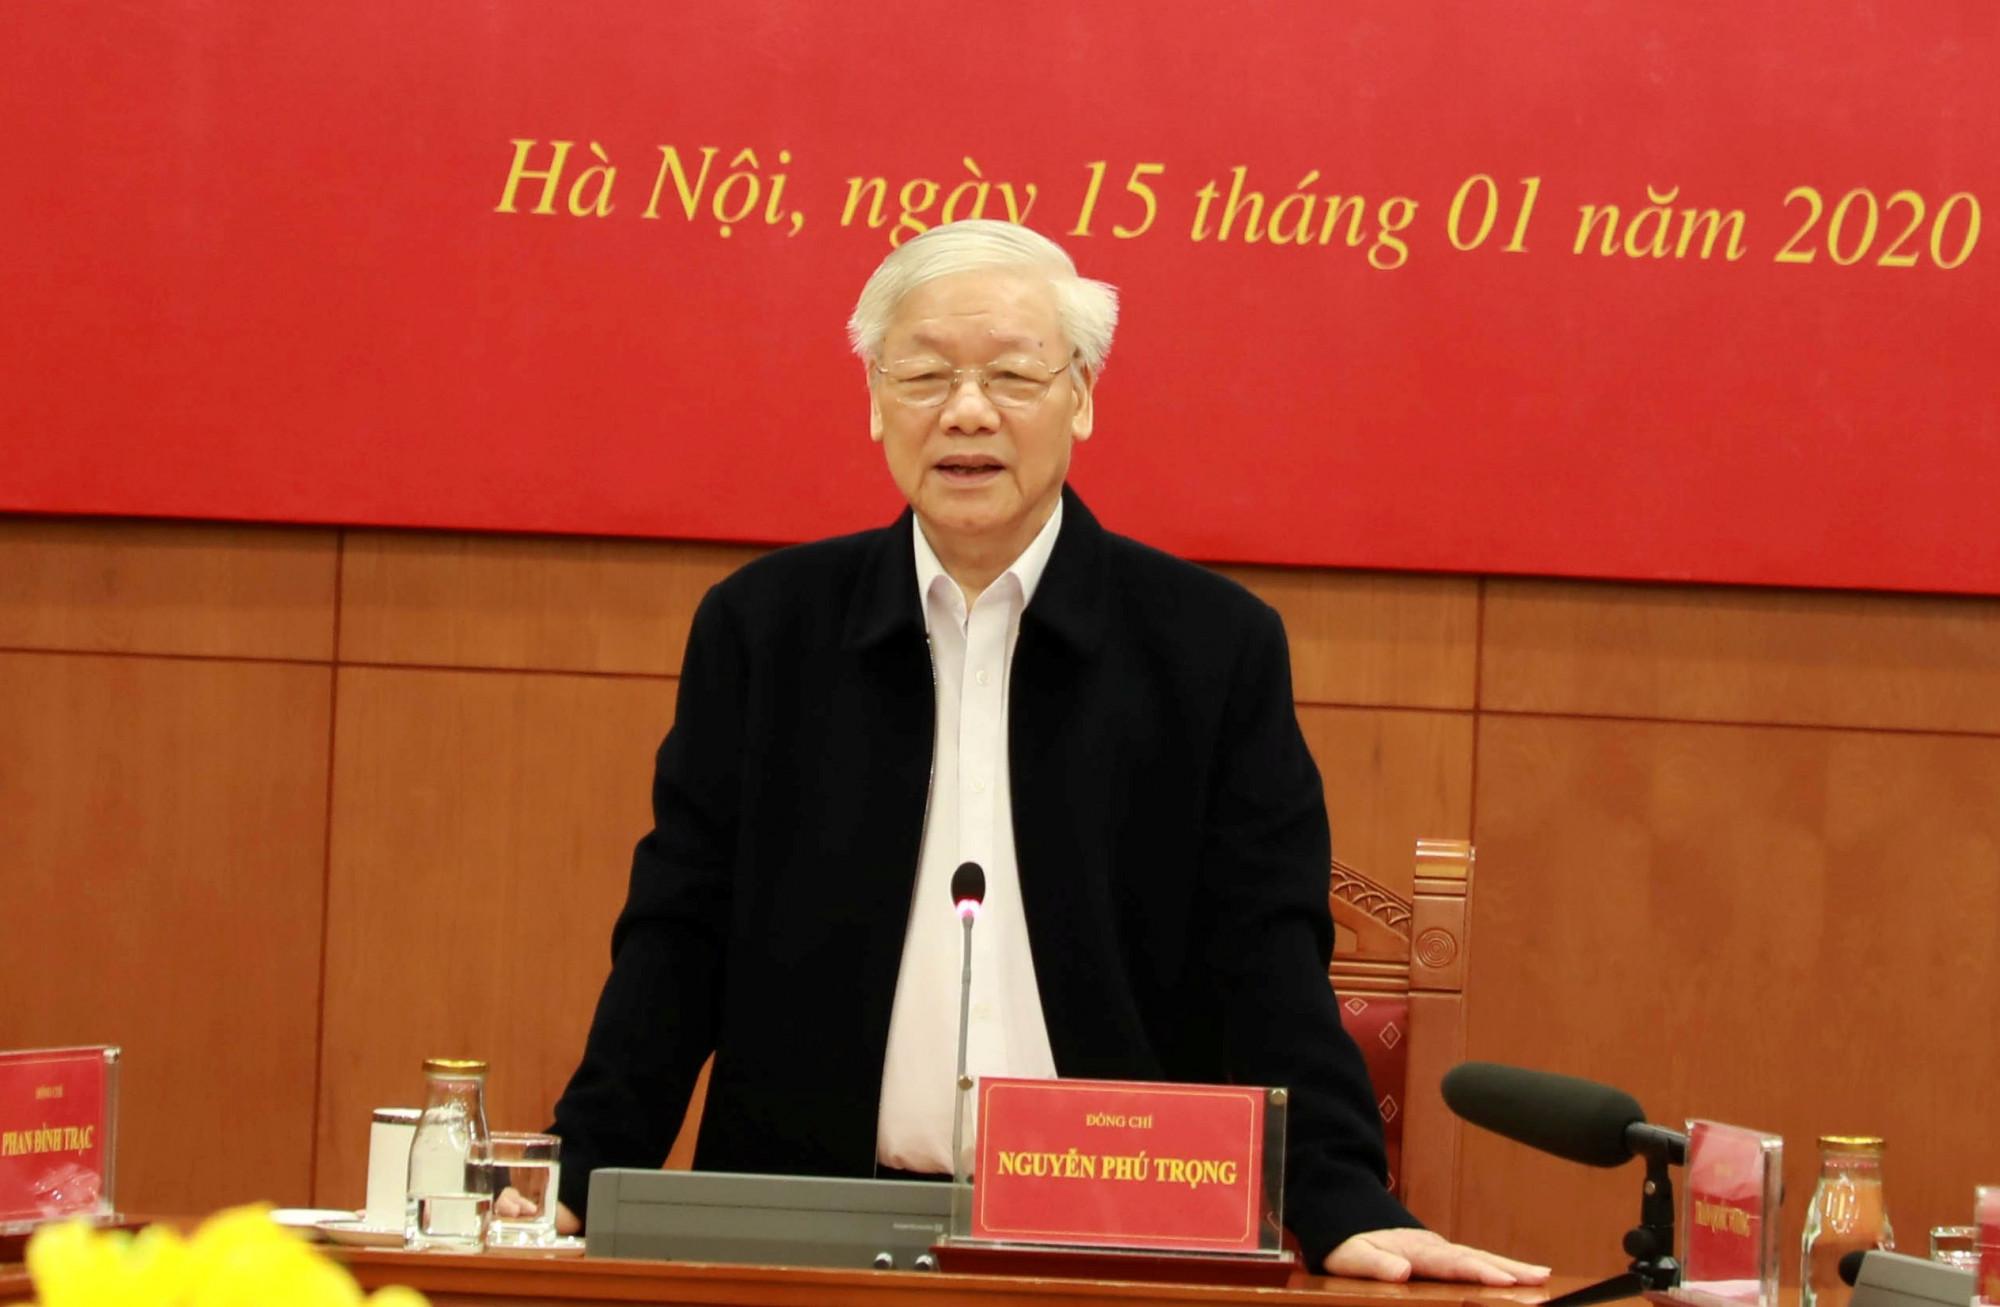 Tổng Bí thư, Chủ tịch nước Nguyễn Phú Trọng phát biểu kết luận phiên họp